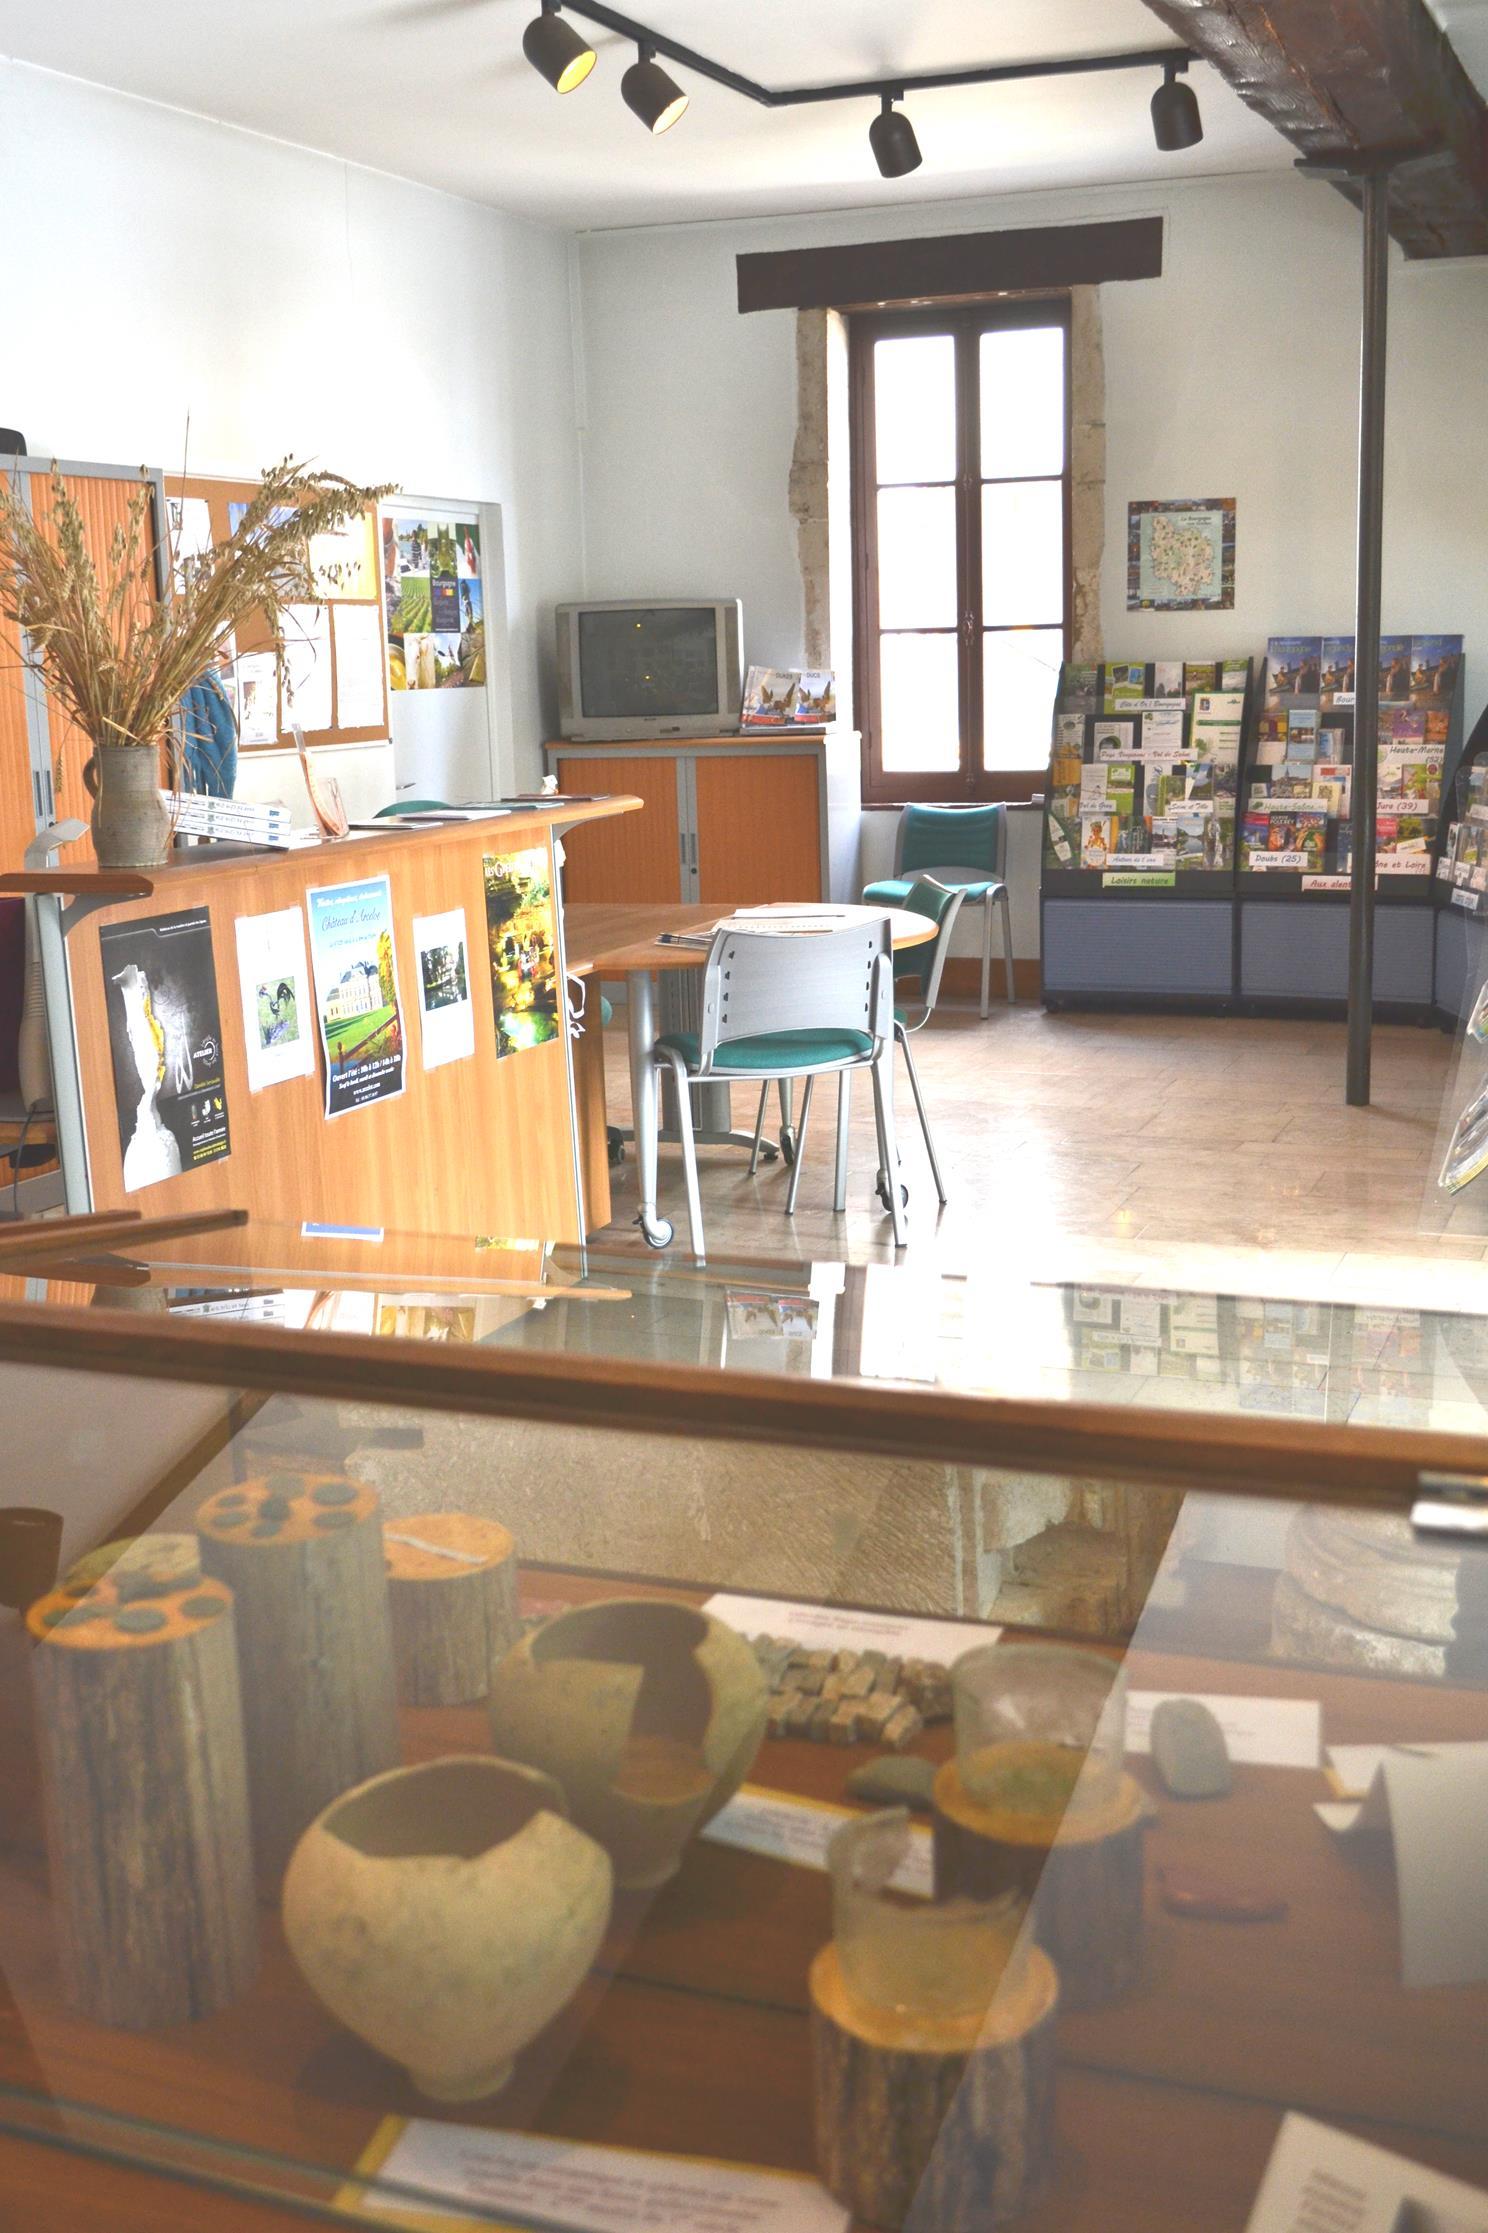 Office de tourisme du mirebellois et fontenois bit de mirebeau sur b ze mirebeau sur b ze - Office tourisme cote d or ...